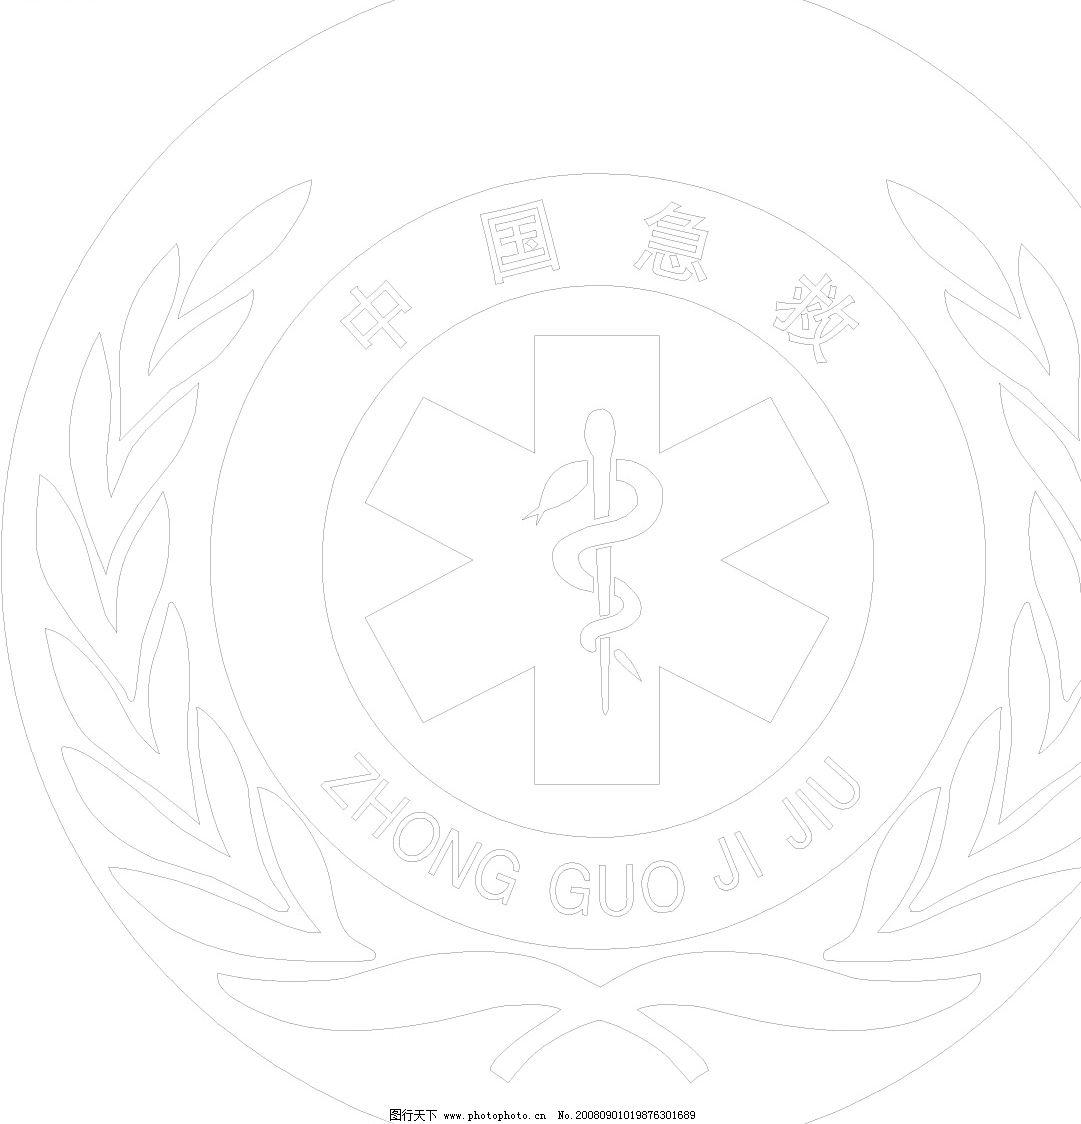 中国急救 标识标志图标 公共标识标志 矢量图库 cdr